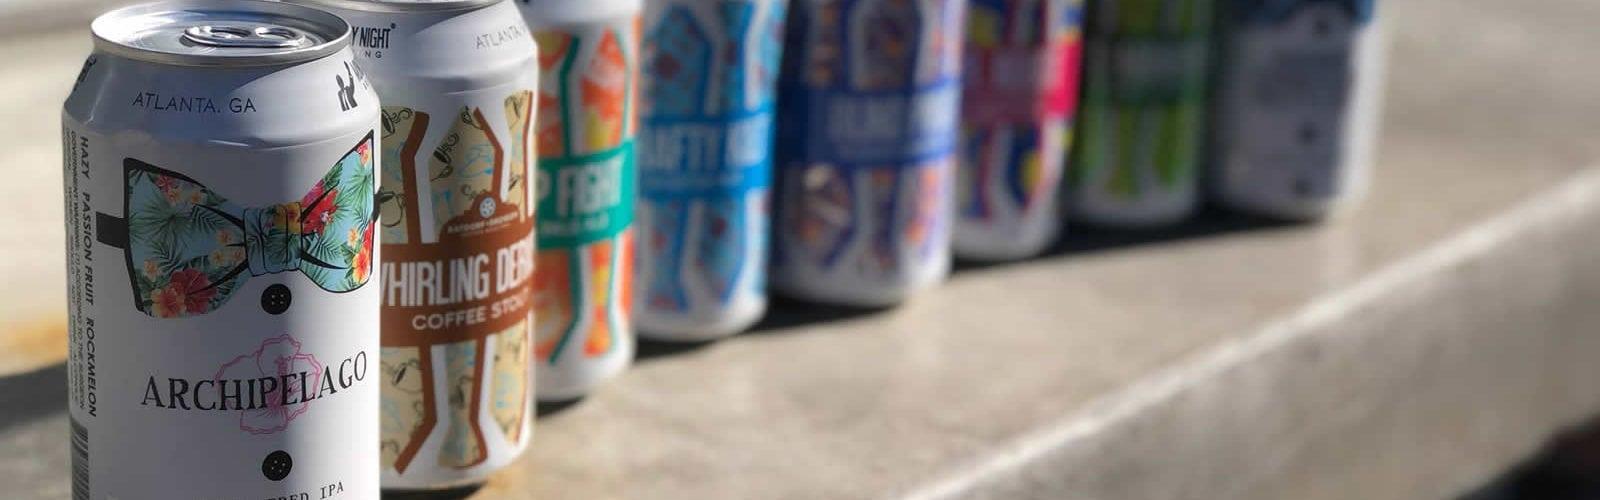 monday-night-brewing-biere-brasserie-une